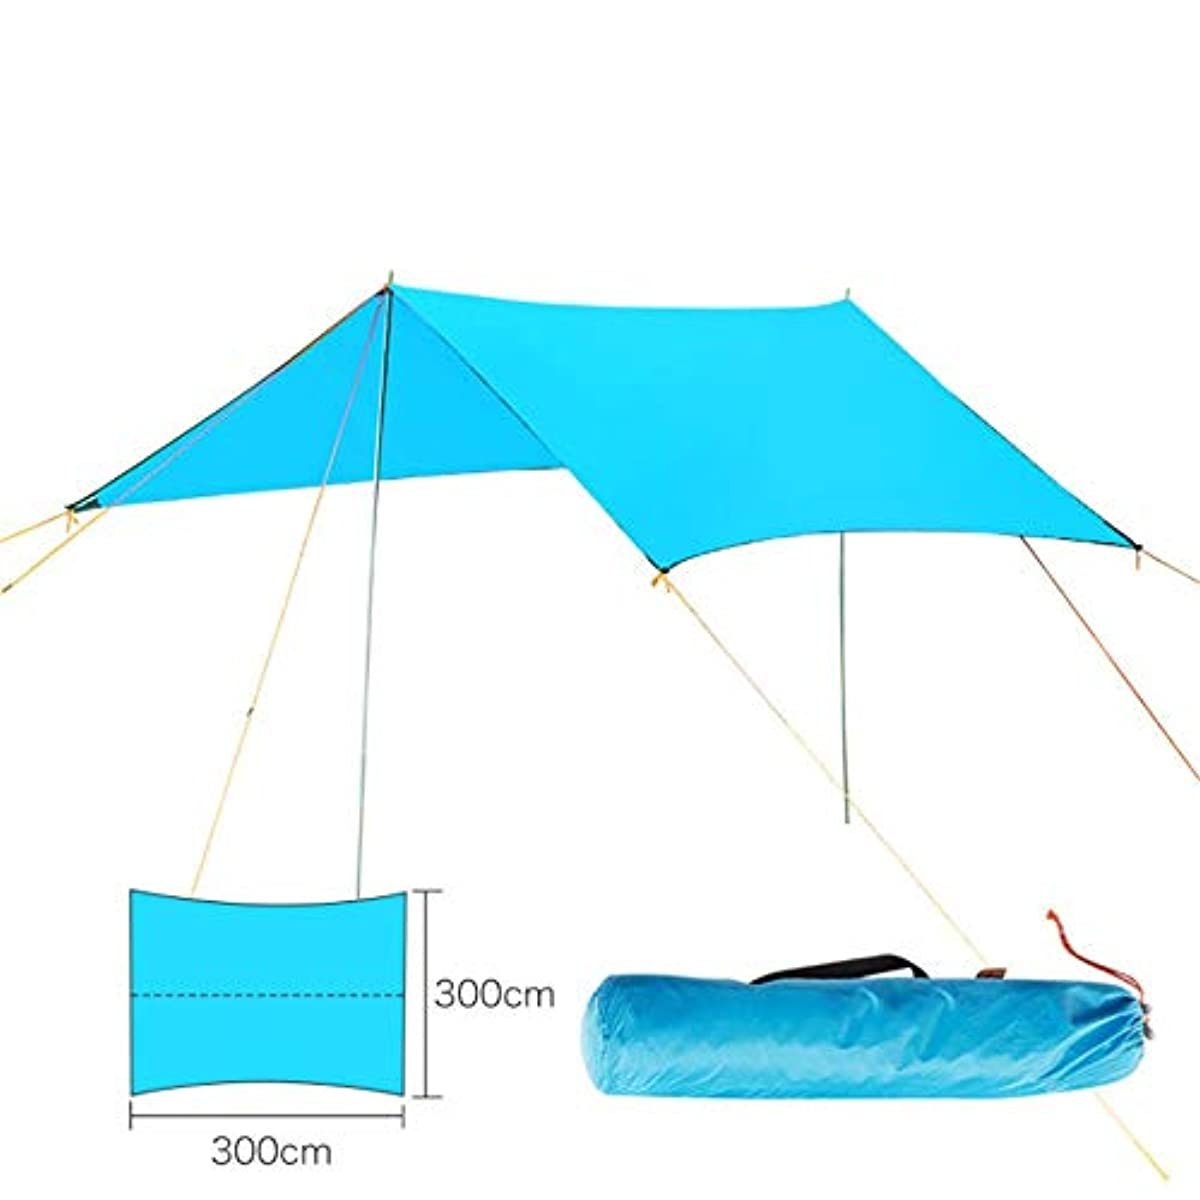 炎上凍結固有のOkiiting 屋外旅行テント9.8x9.8ft紫外線保護防水強風ウェアラブルポータブルテント品質保証 うまく設計された (色 : 青, サイズ : Free size)